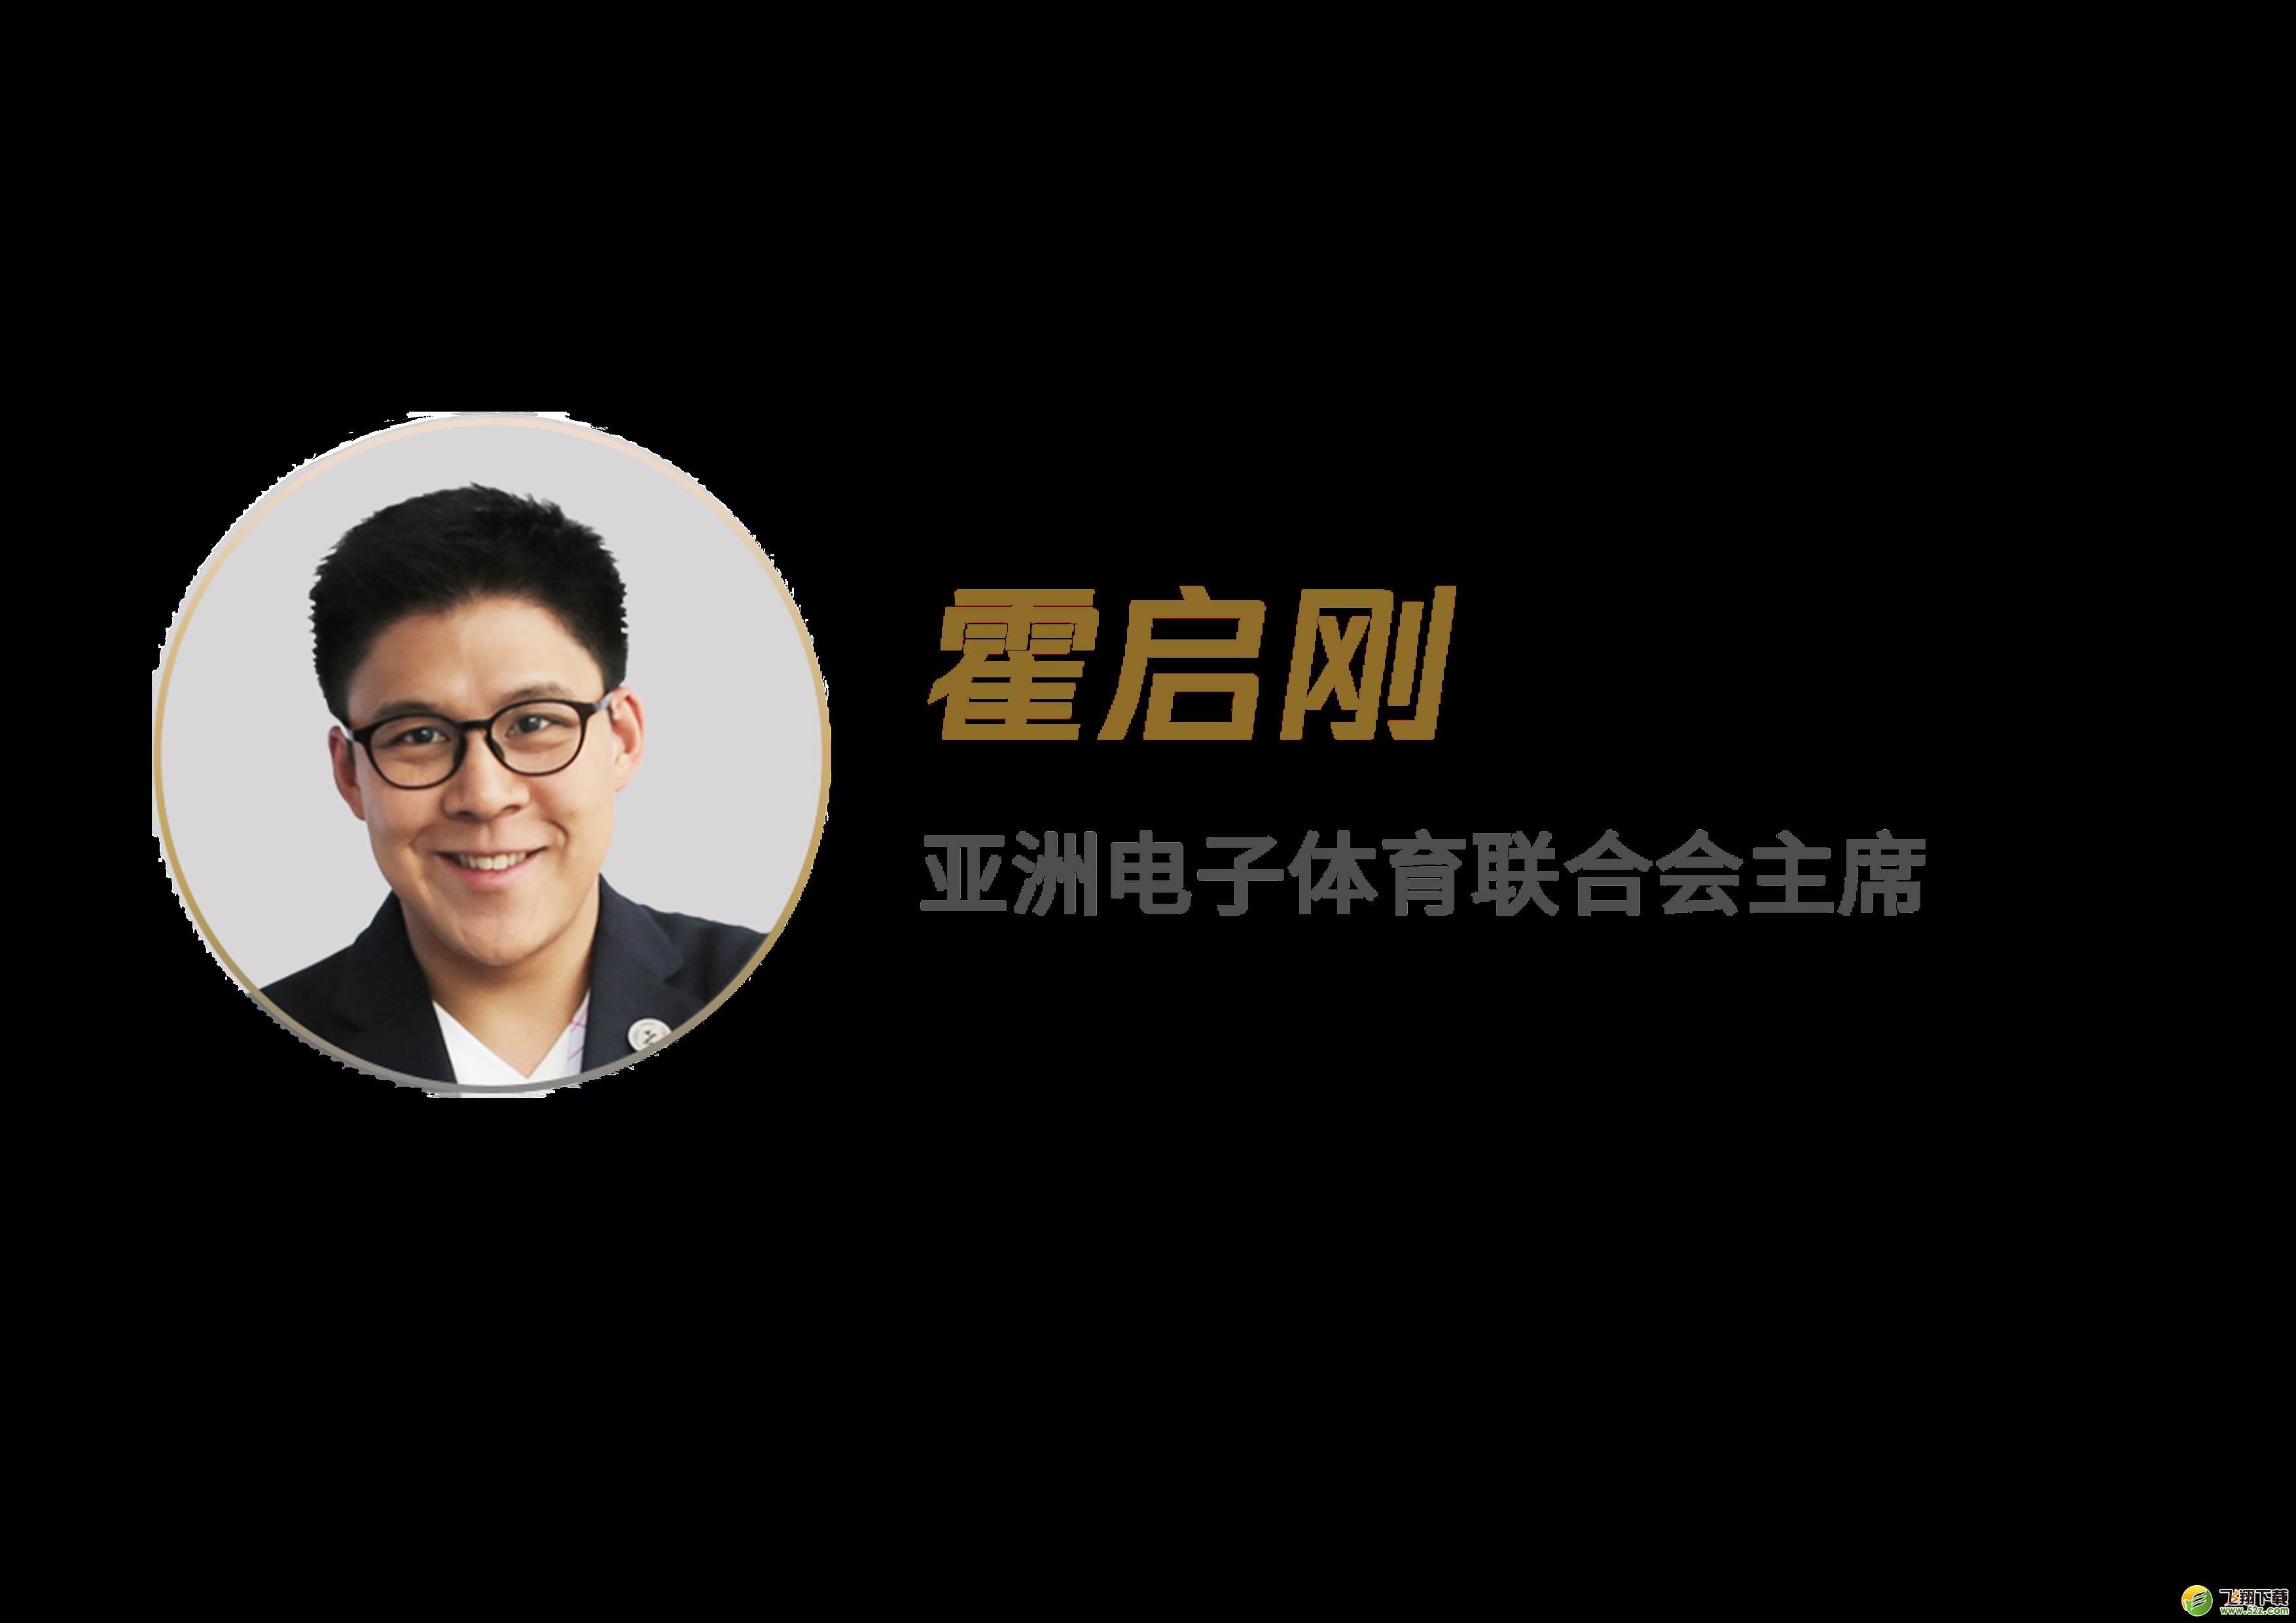 粤港澳电竞公开课12月19日香港开讲 助力青年与电竞共成长_52z.com